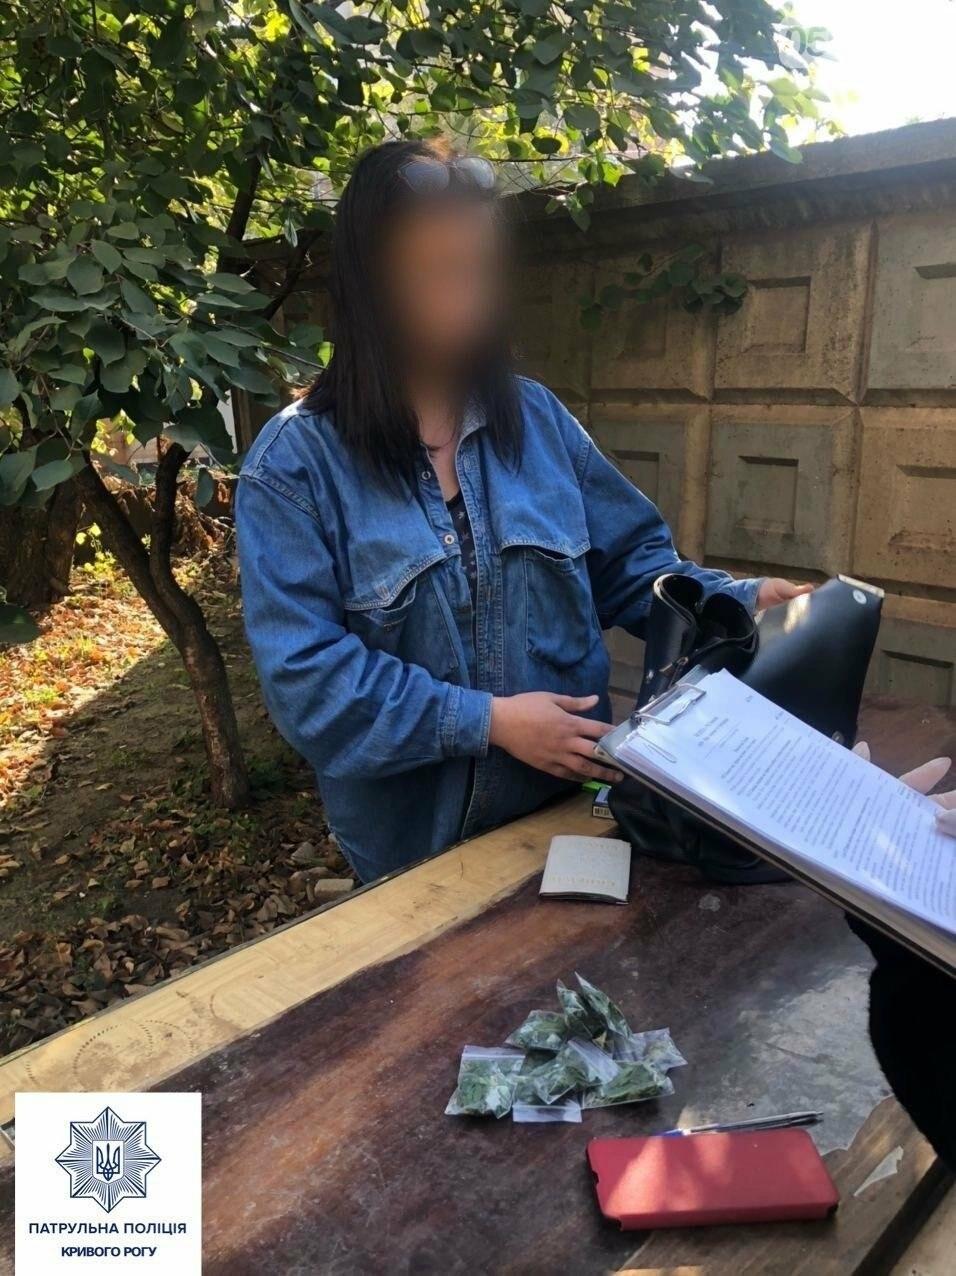 Патрульные рассказали, как за один день обнаружили наркотики у нескольких криворожан, - ФОТО, фото-1